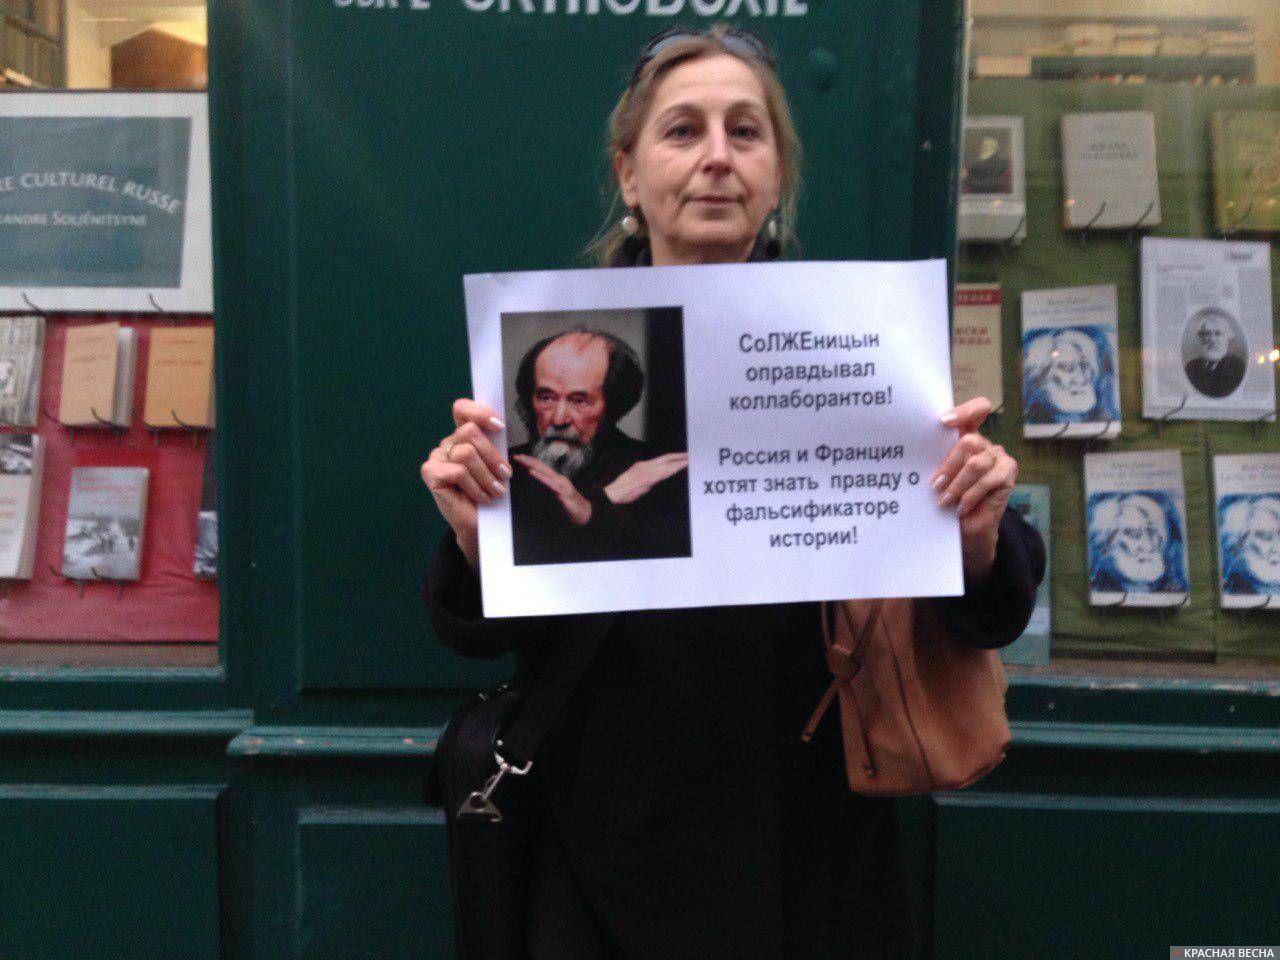 Пикет в Париже: «Мы требуем правду о Солженицыне!»